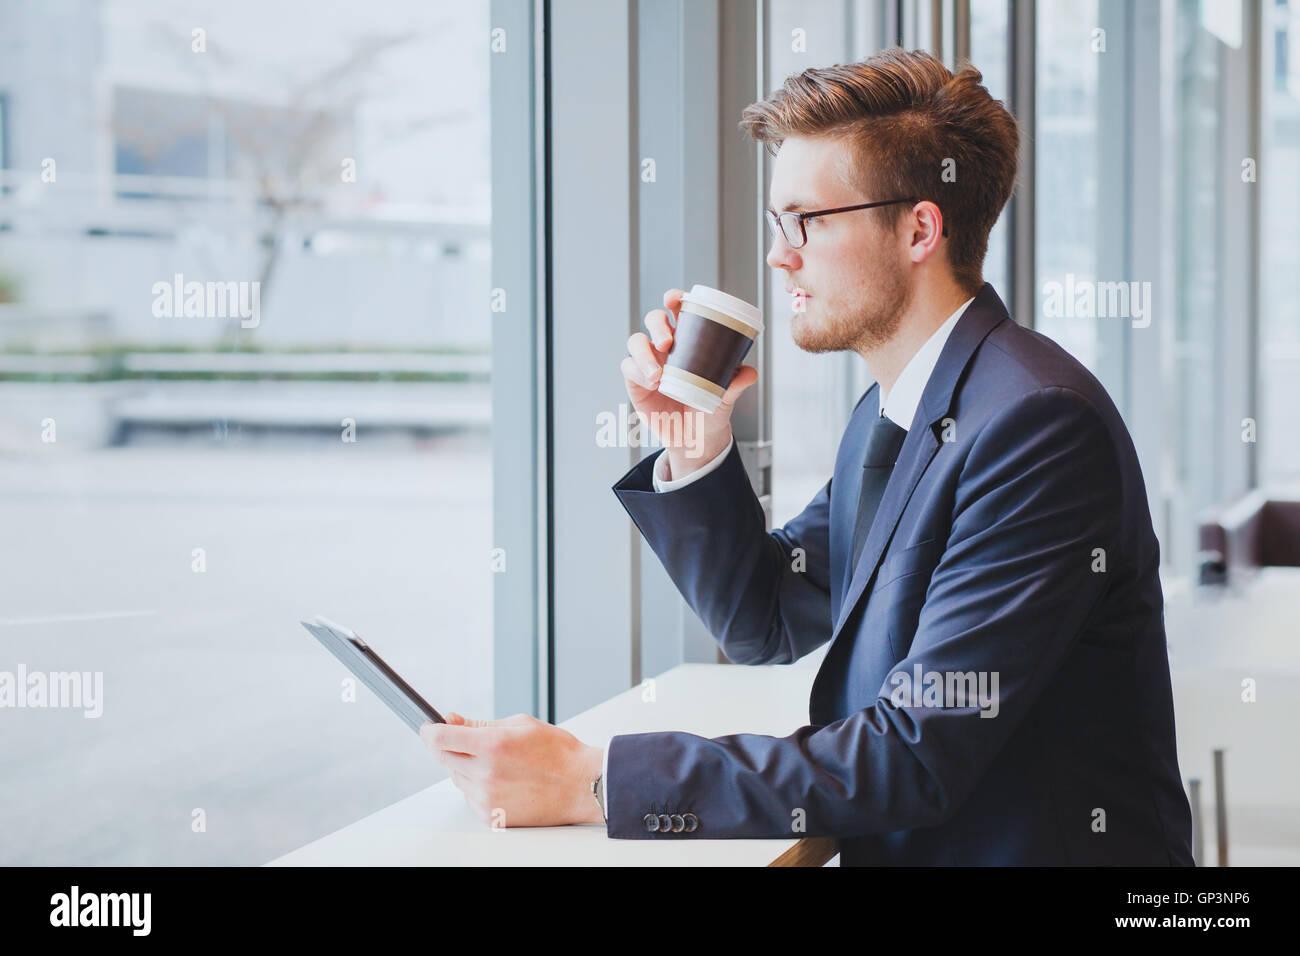 Hombre de negocios pensando, bebiendo café y mirando a la ventana en la moderna cafetería interior Imagen De Stock